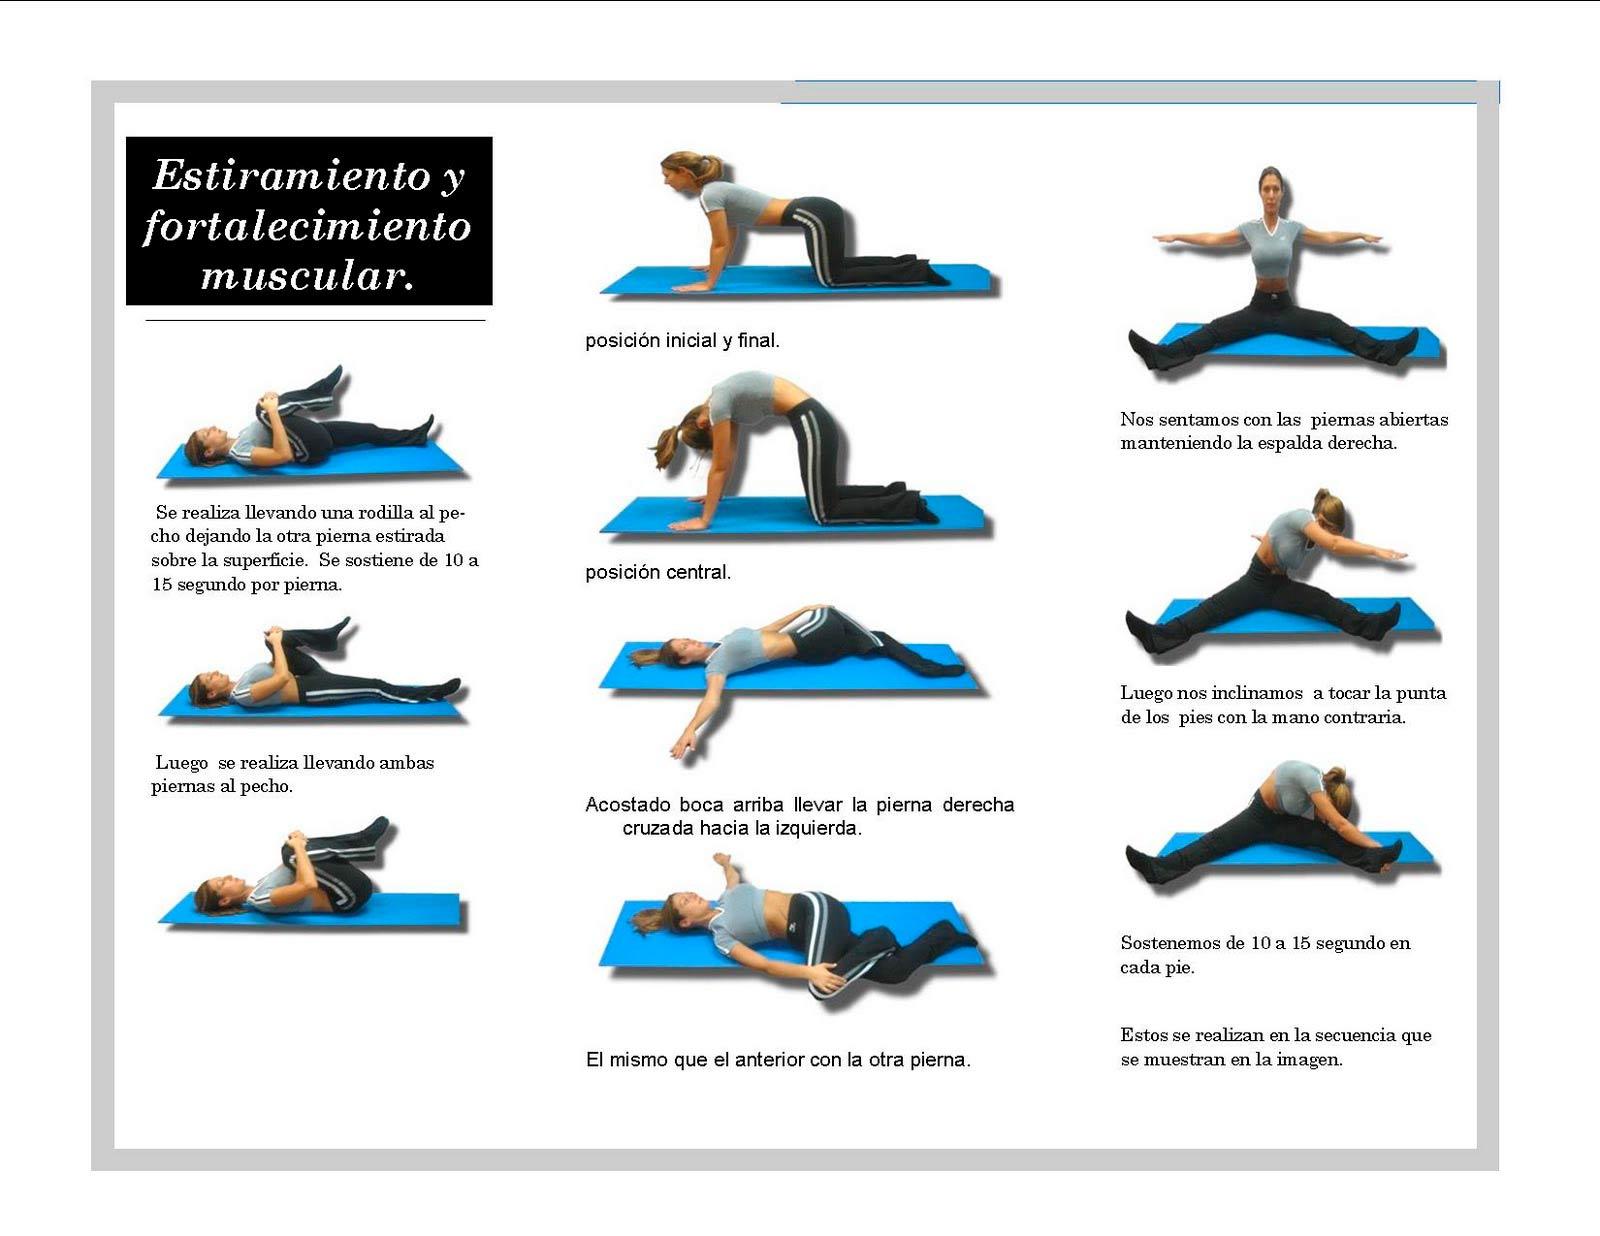 Dolor de espalda baja • Dr. Rogelio Santos 03c2fe76a1e8